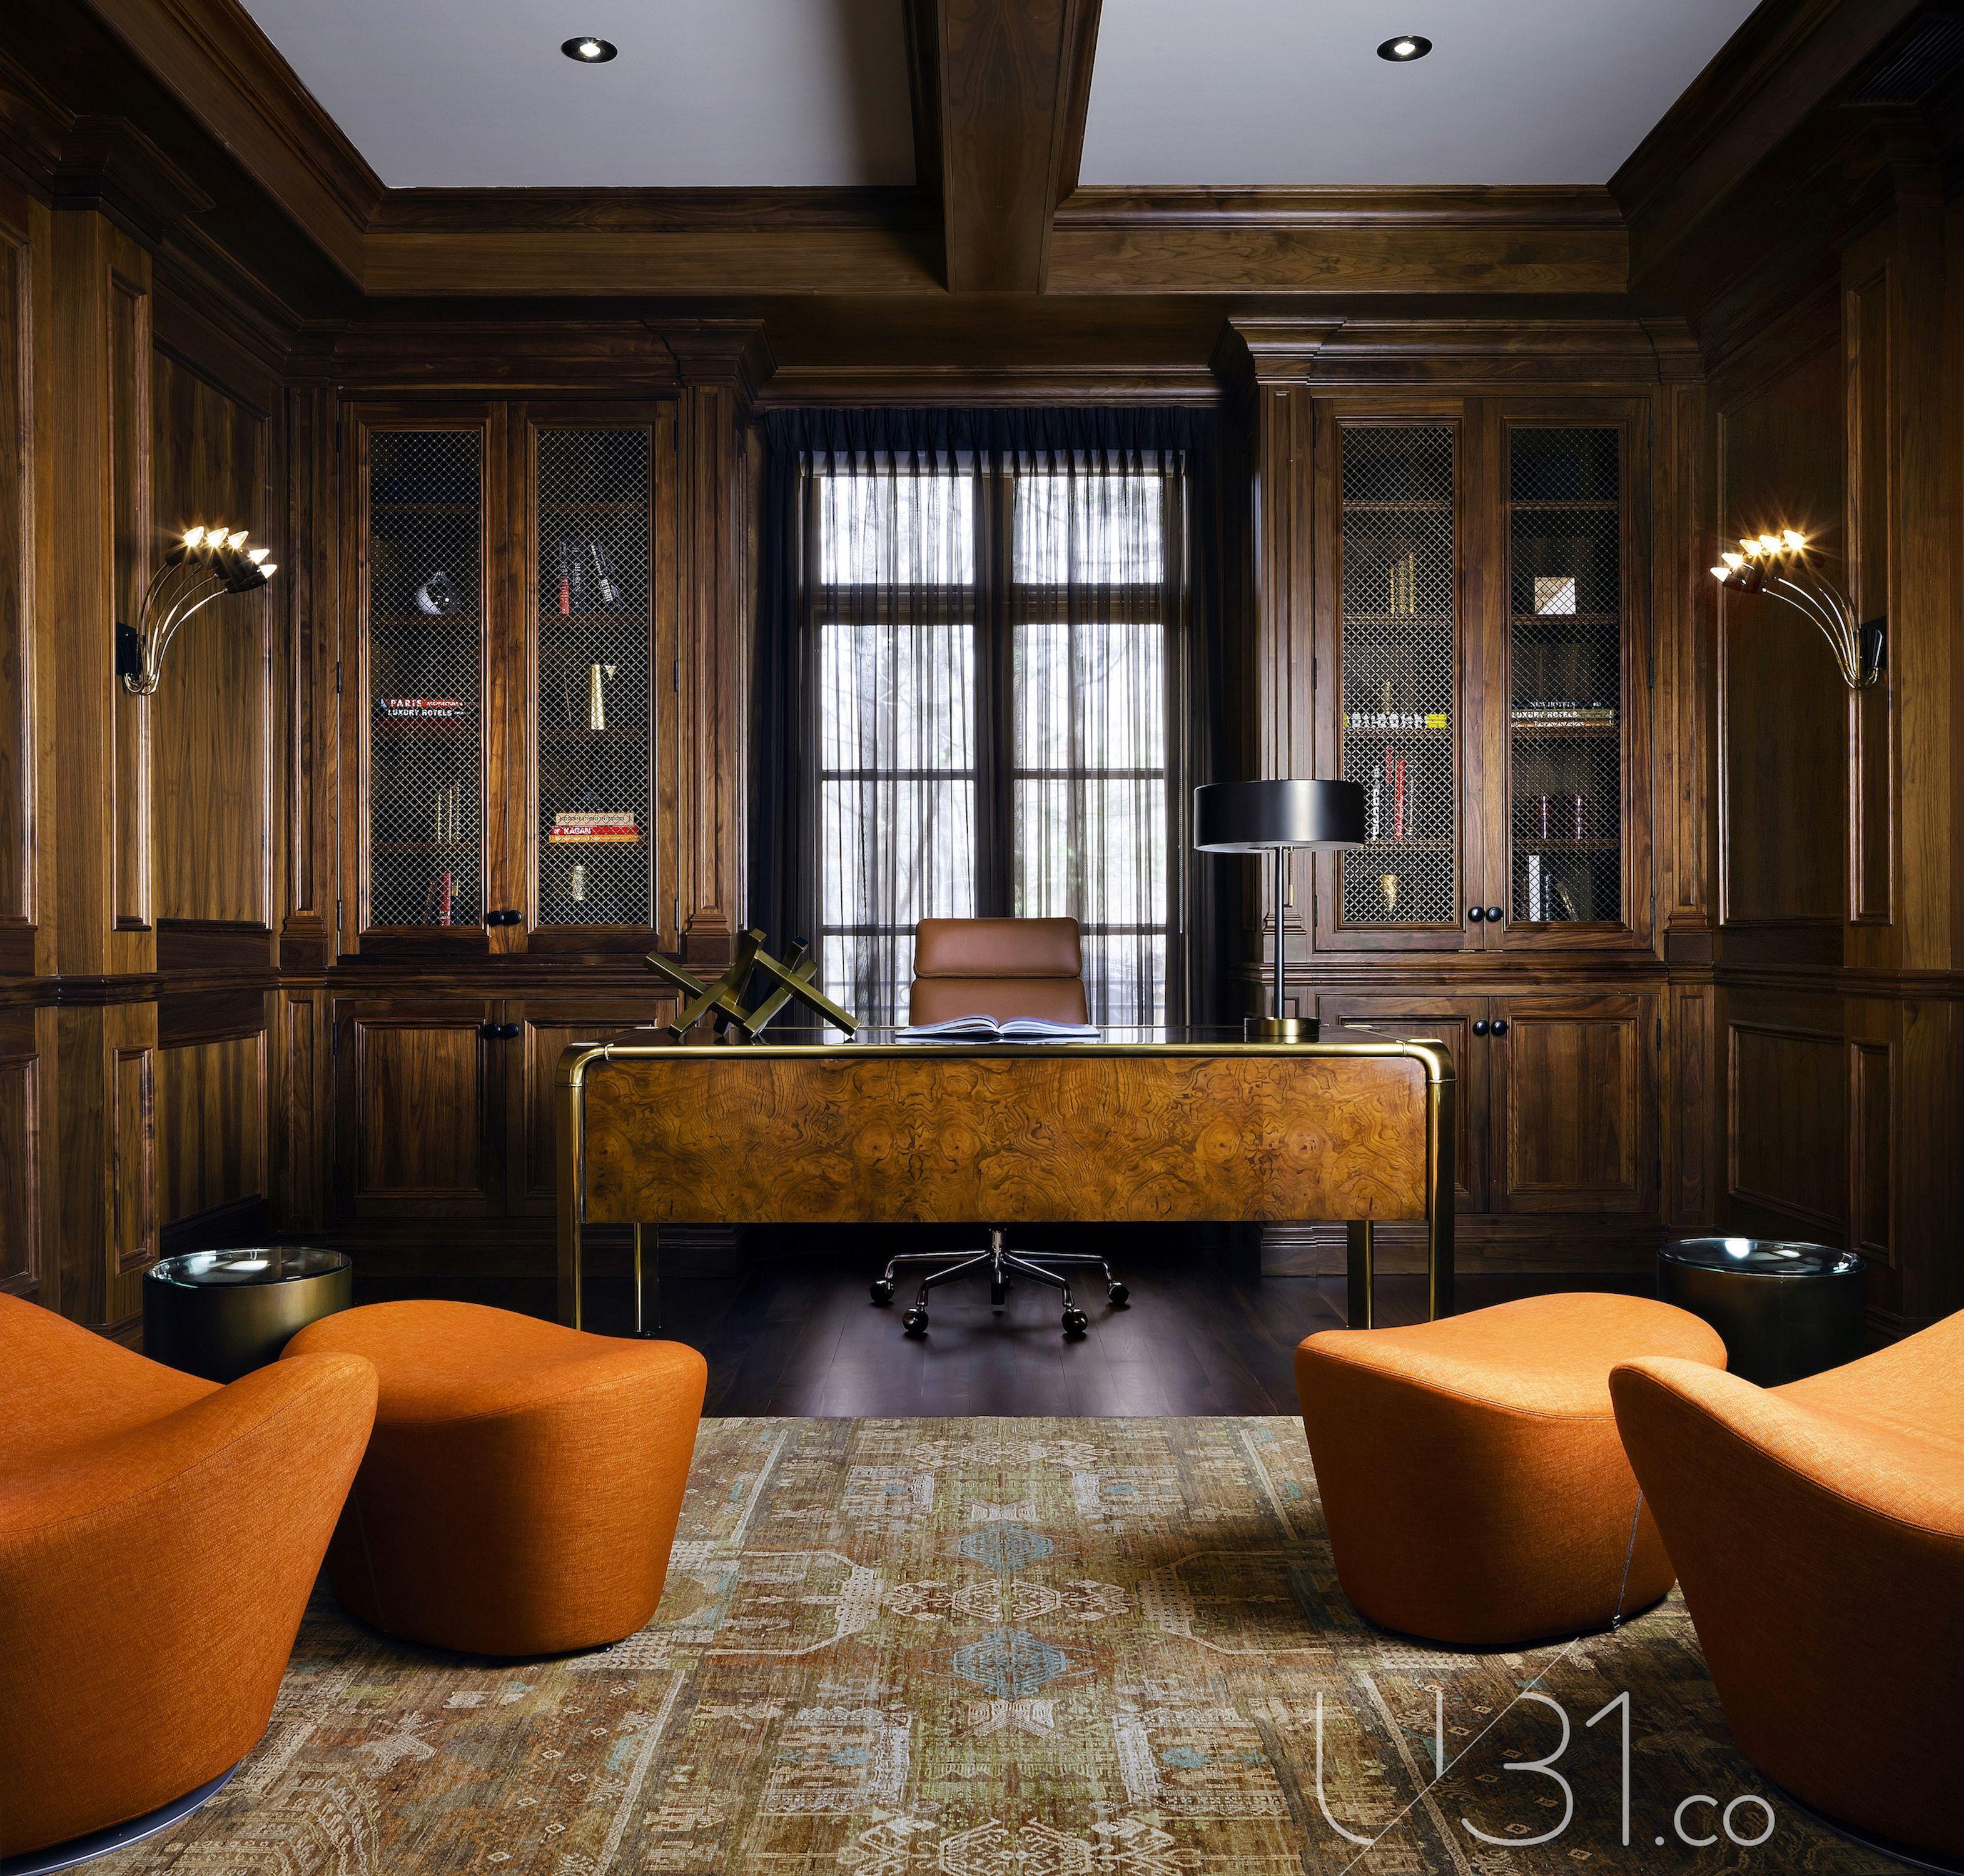 u31 luxury art design interiors interiordesign architecture